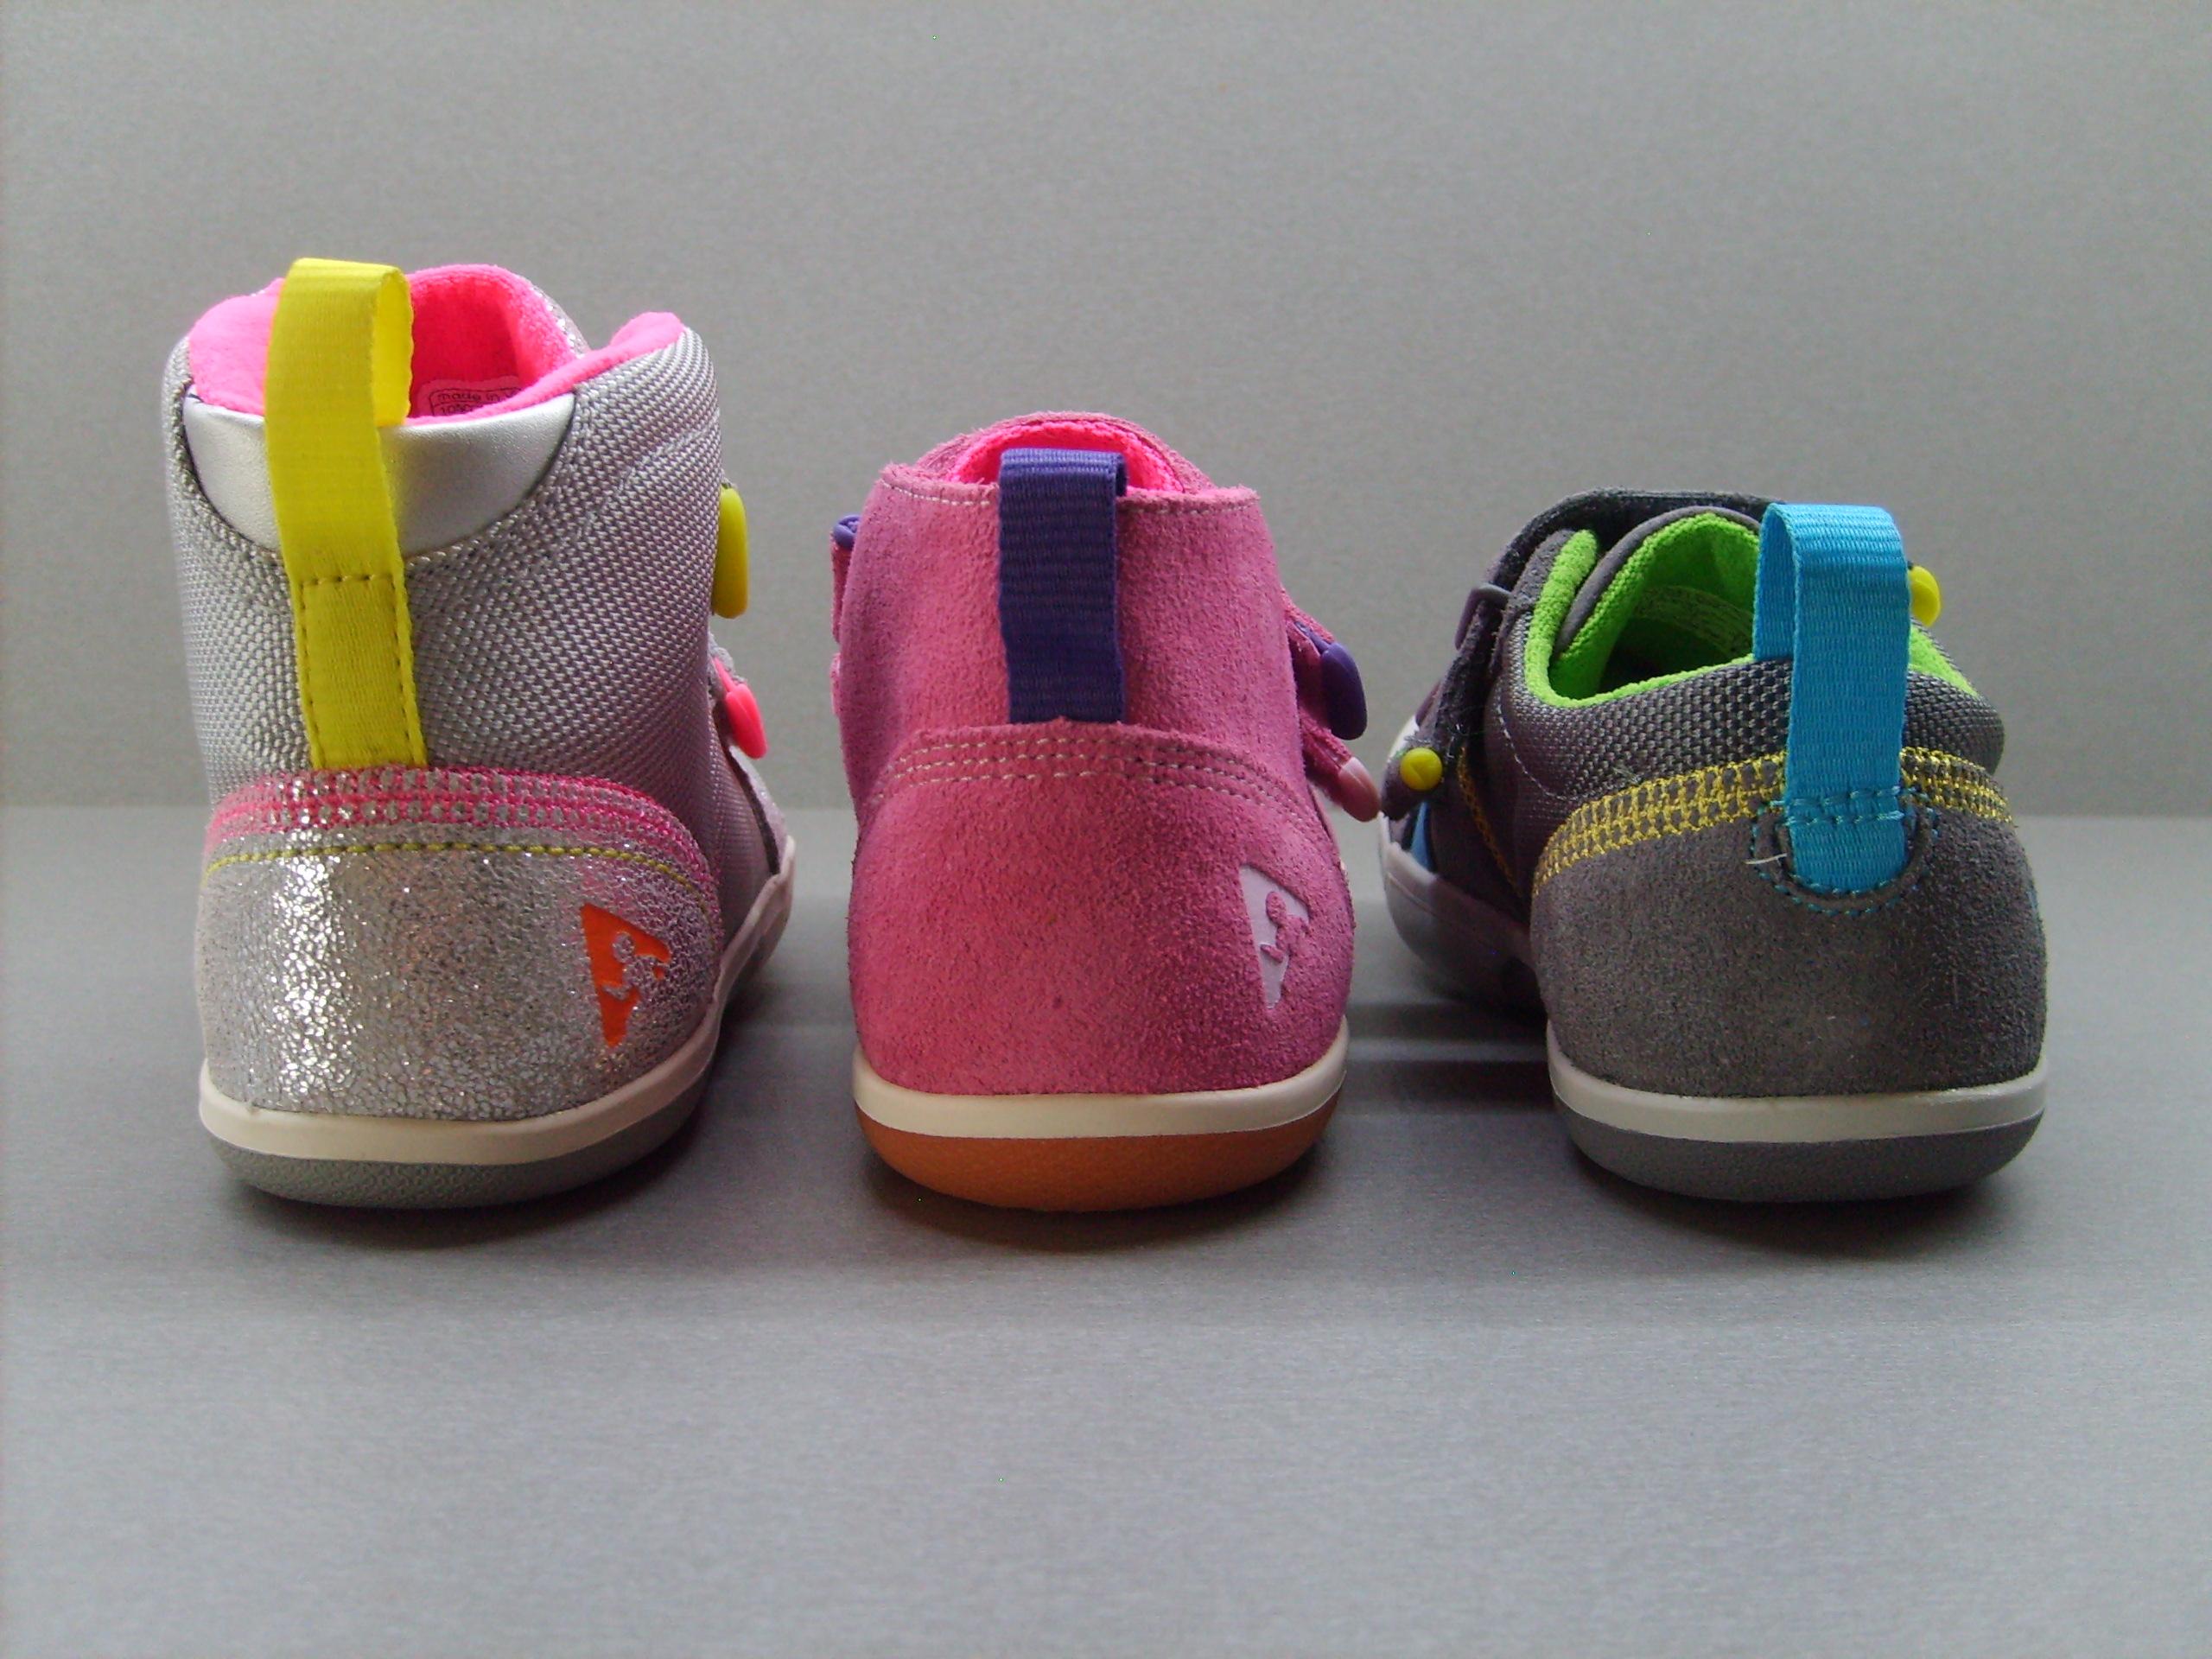 Hlavní rozdíl je ve výšce bot. Ty jsou klasické nízké tenisky. Lou a Max  jsou vyšší nad kotníky. ec6613c33e6